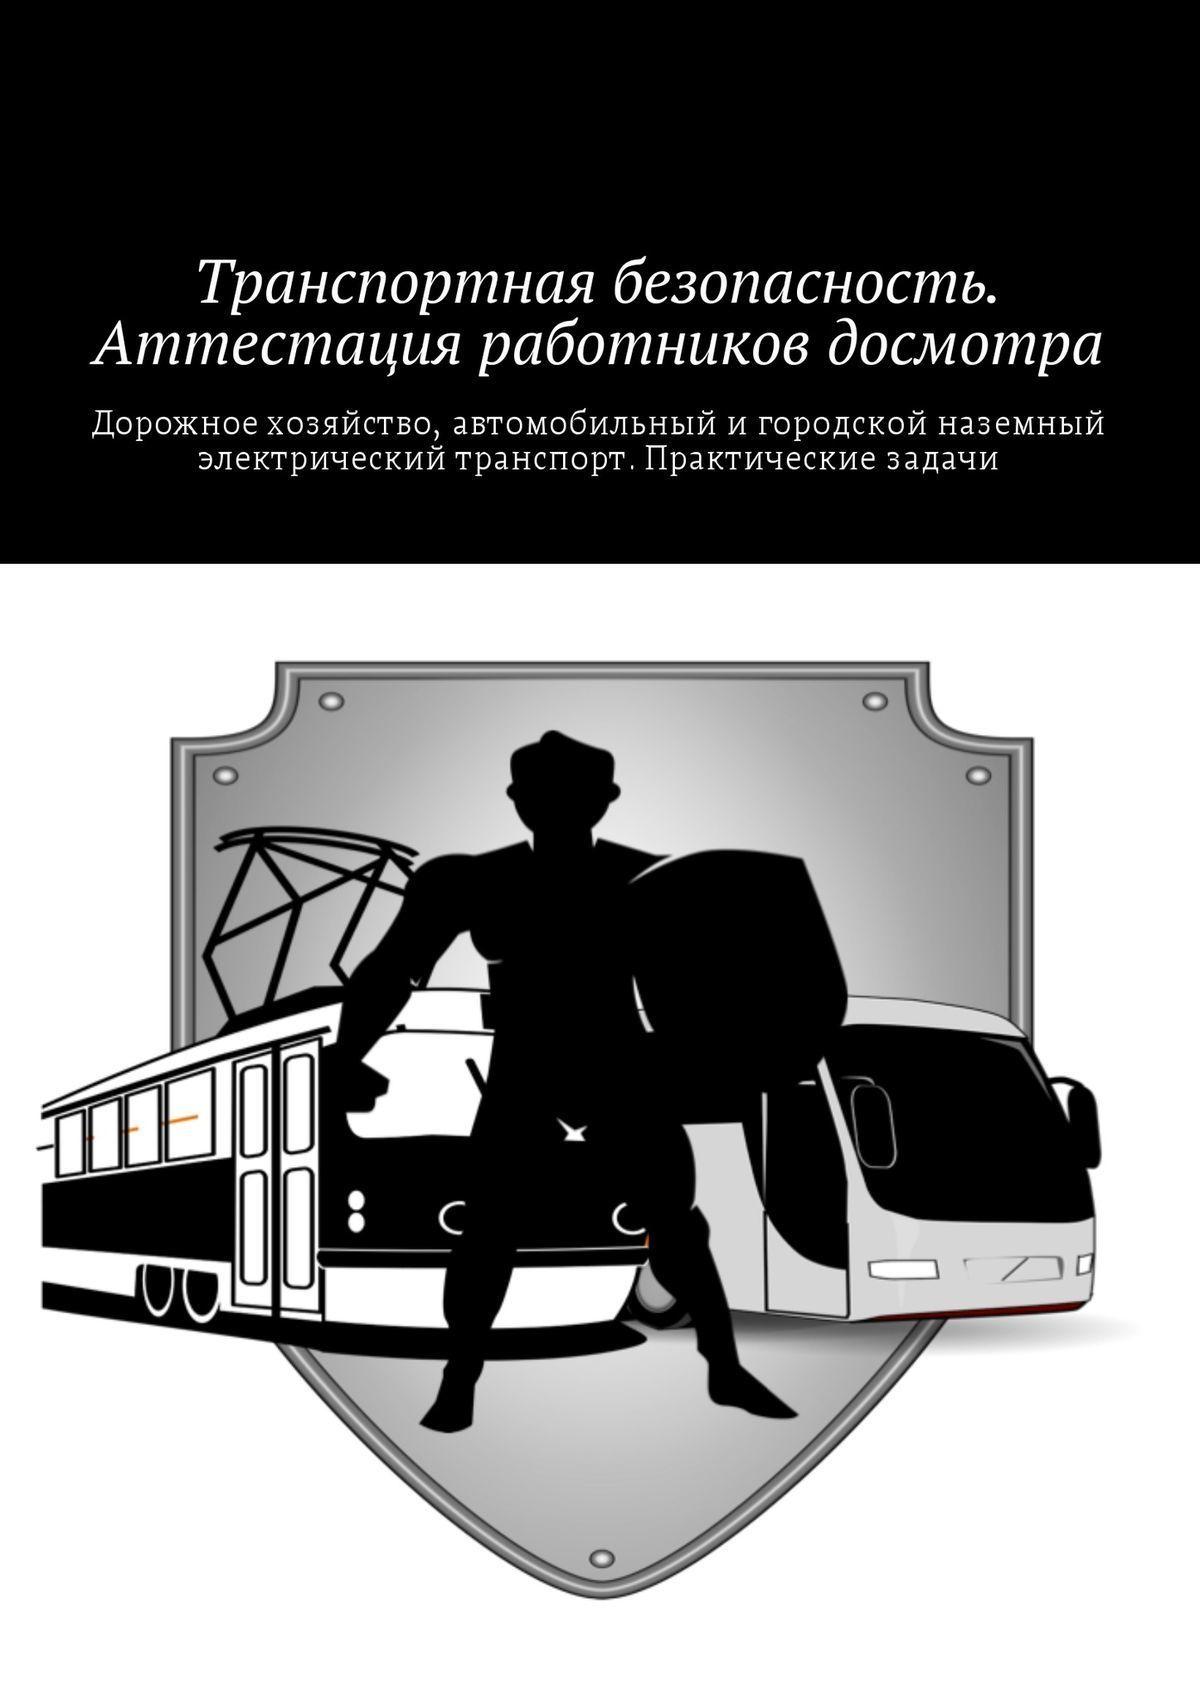 Коллектив авторов Транспортная безопасность. Аттестация работников досмотра